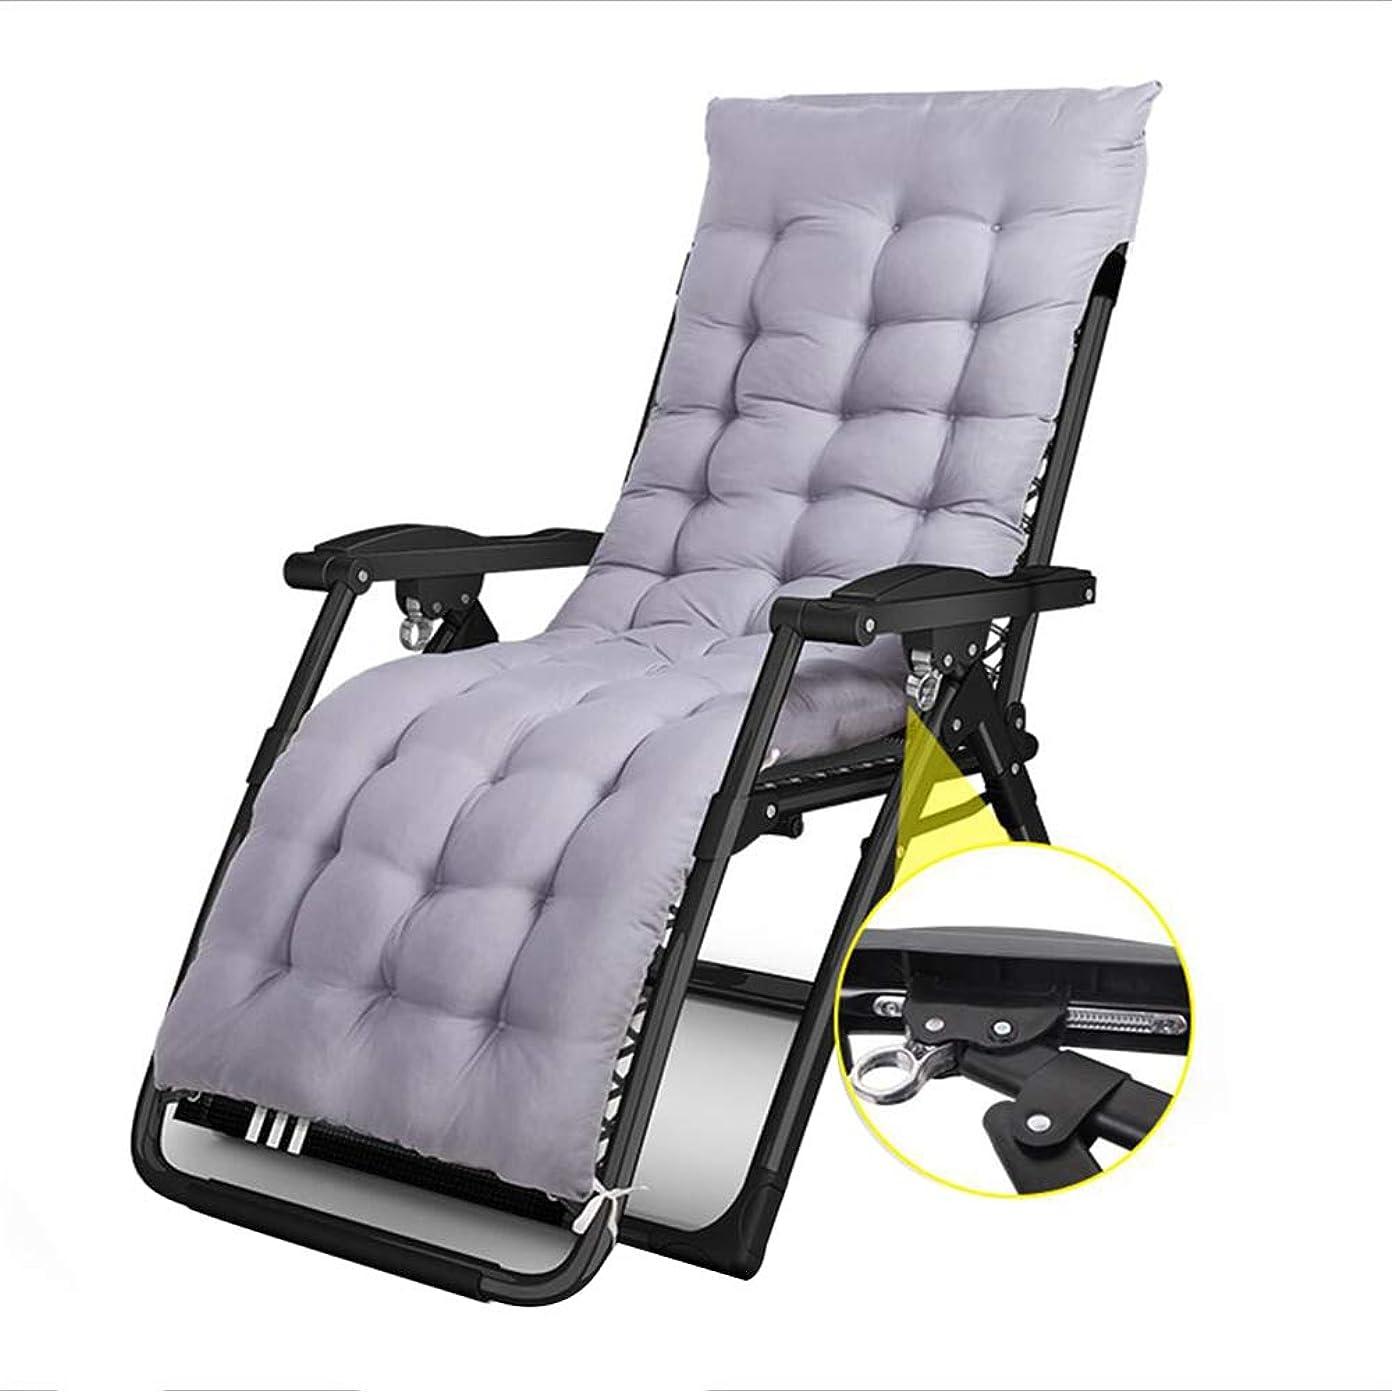 カジュアル唯一写真Tiao ZHAN ランチブレーキ 折りたたみ椅子/スリーピングチェア/ロッキングチェア/レジャー/大人用レジャーチェア/高齢者用椅子 AA